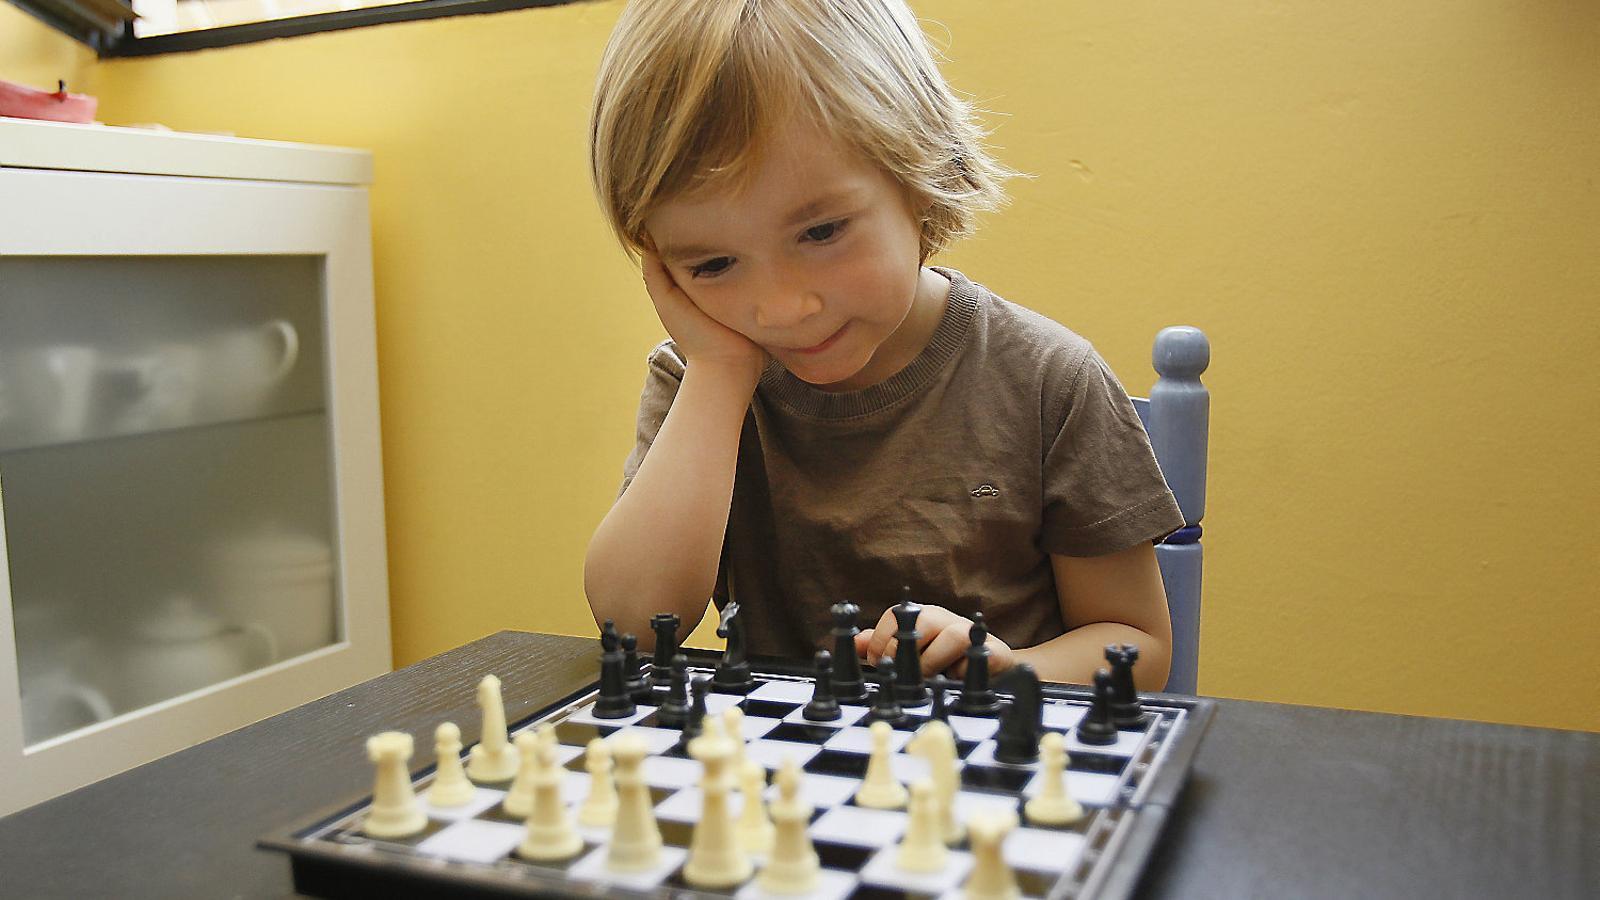 Decàleg de l'infant amb altes capacitats / ISAAC BUJ